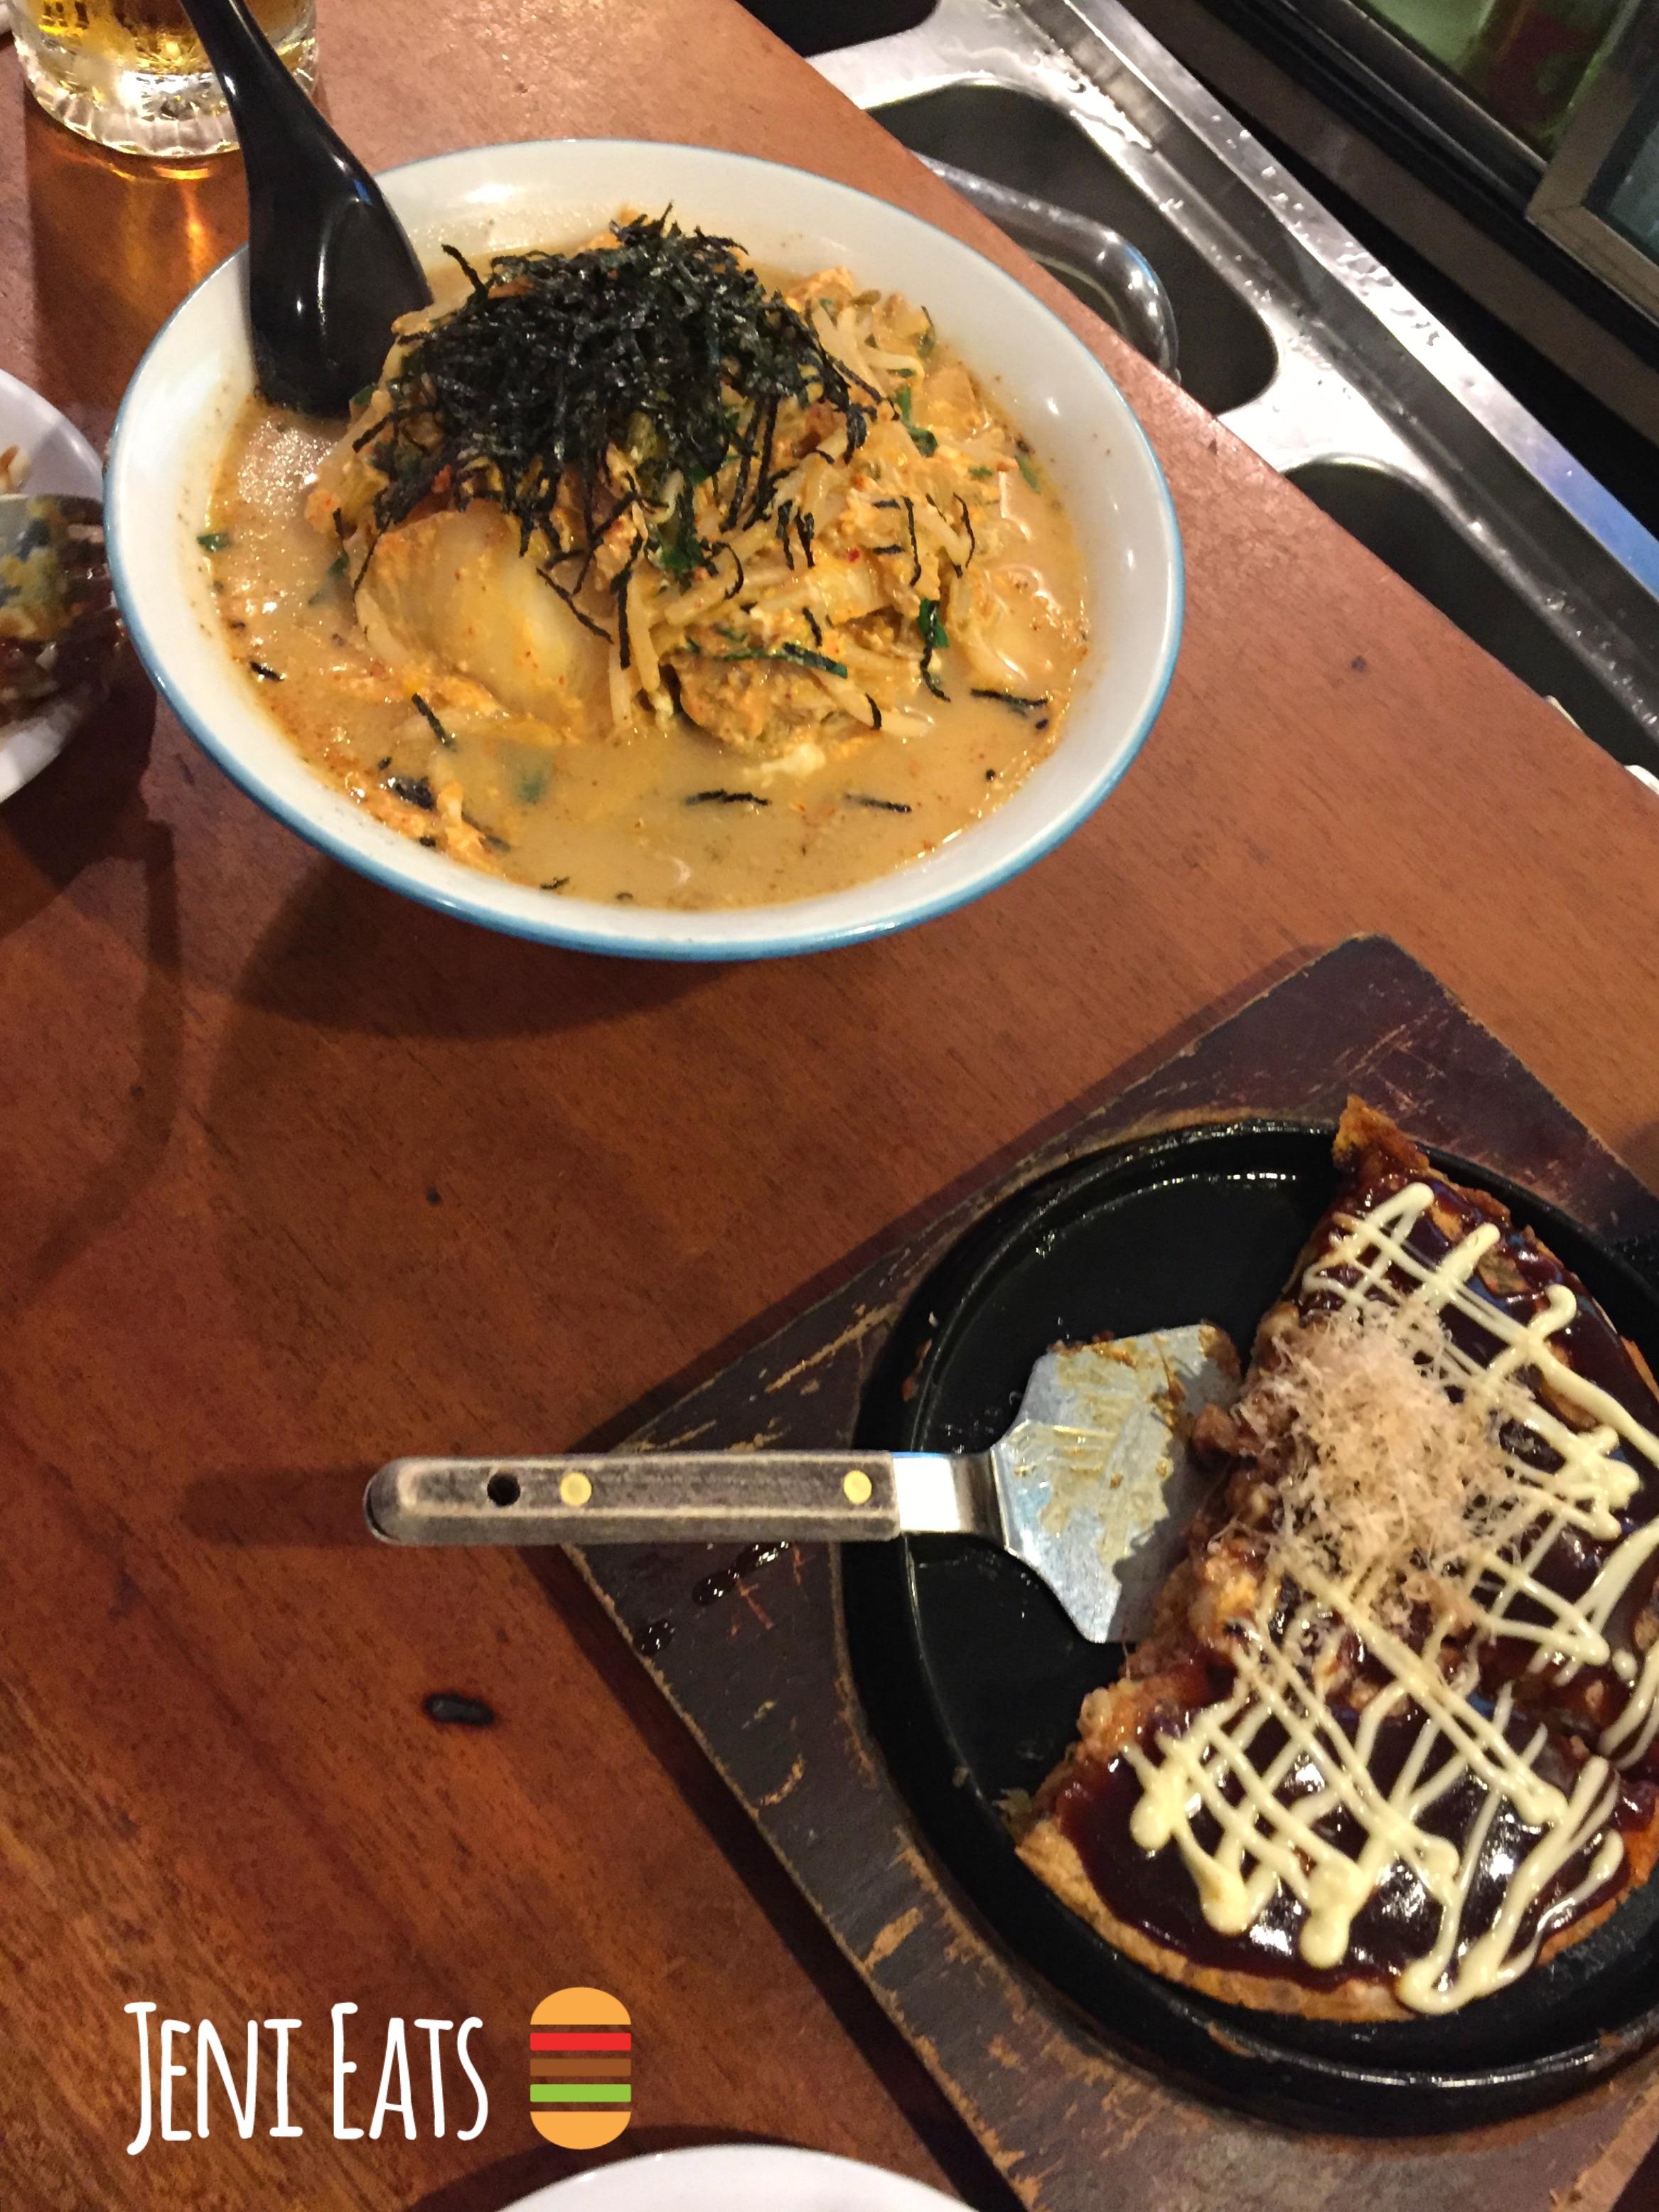 Times Square & A Hidden Sake Bar - Jeni Eats